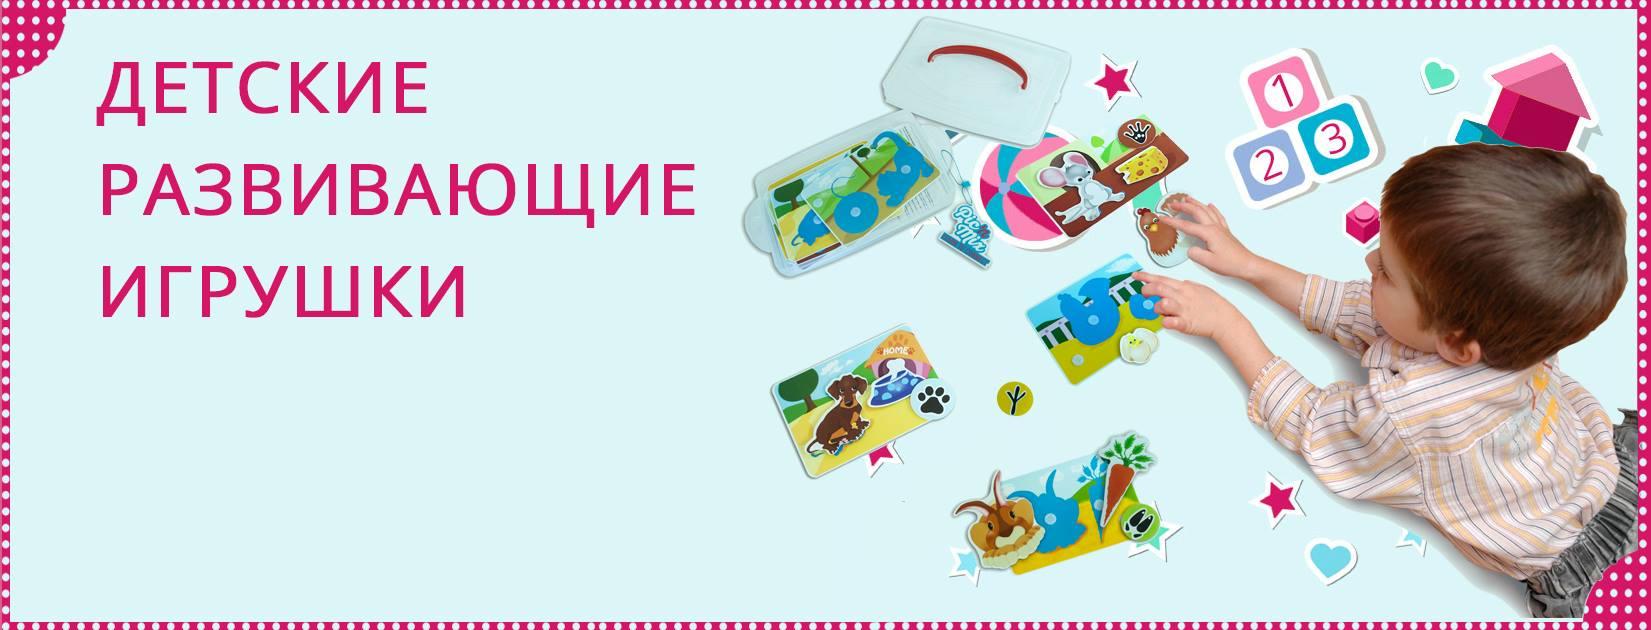 орг. KRASOTKA_N. Picn Mix - умные липучки. Развивающие игрушки для детей от 6 мес.от ведущего российского производителя